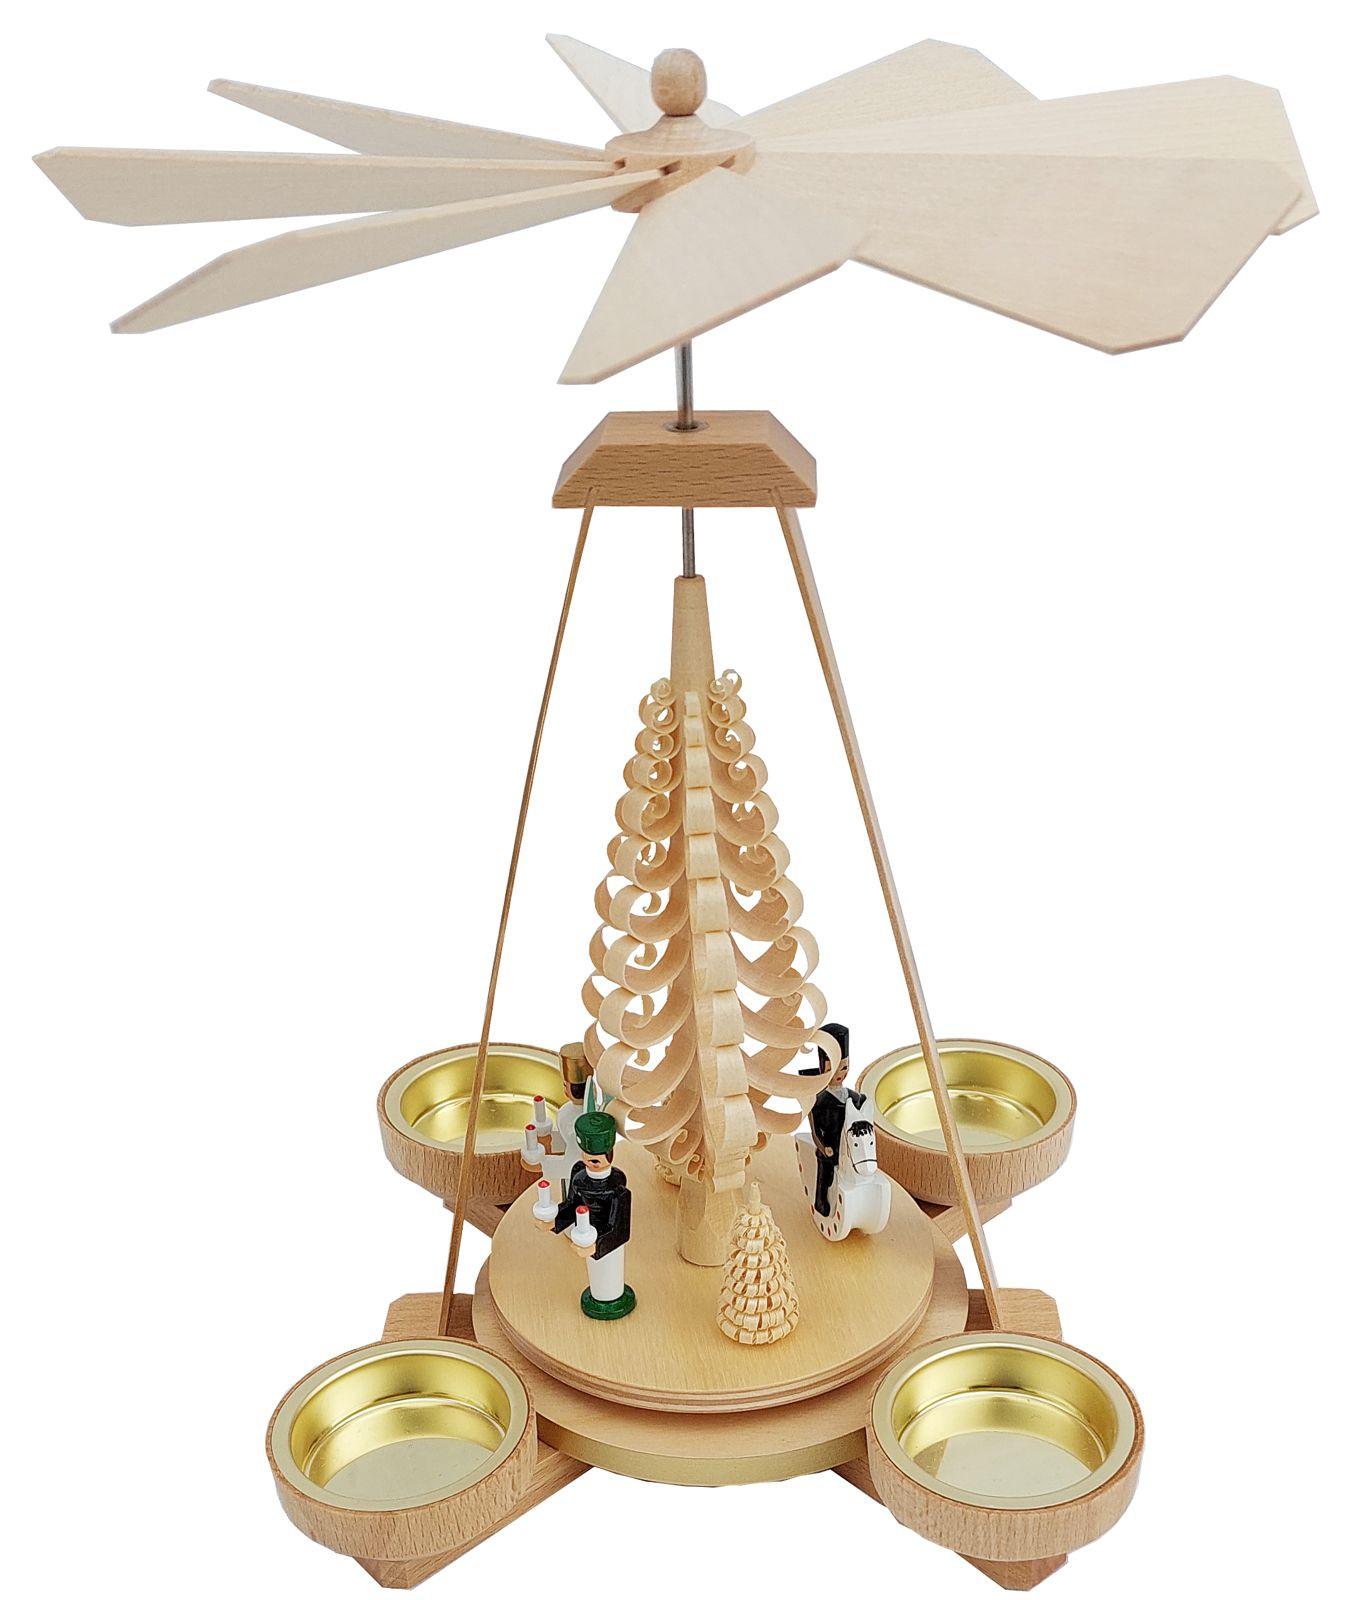 Seiffener Handwerksschau Teelichtpyramide Erzgebirge